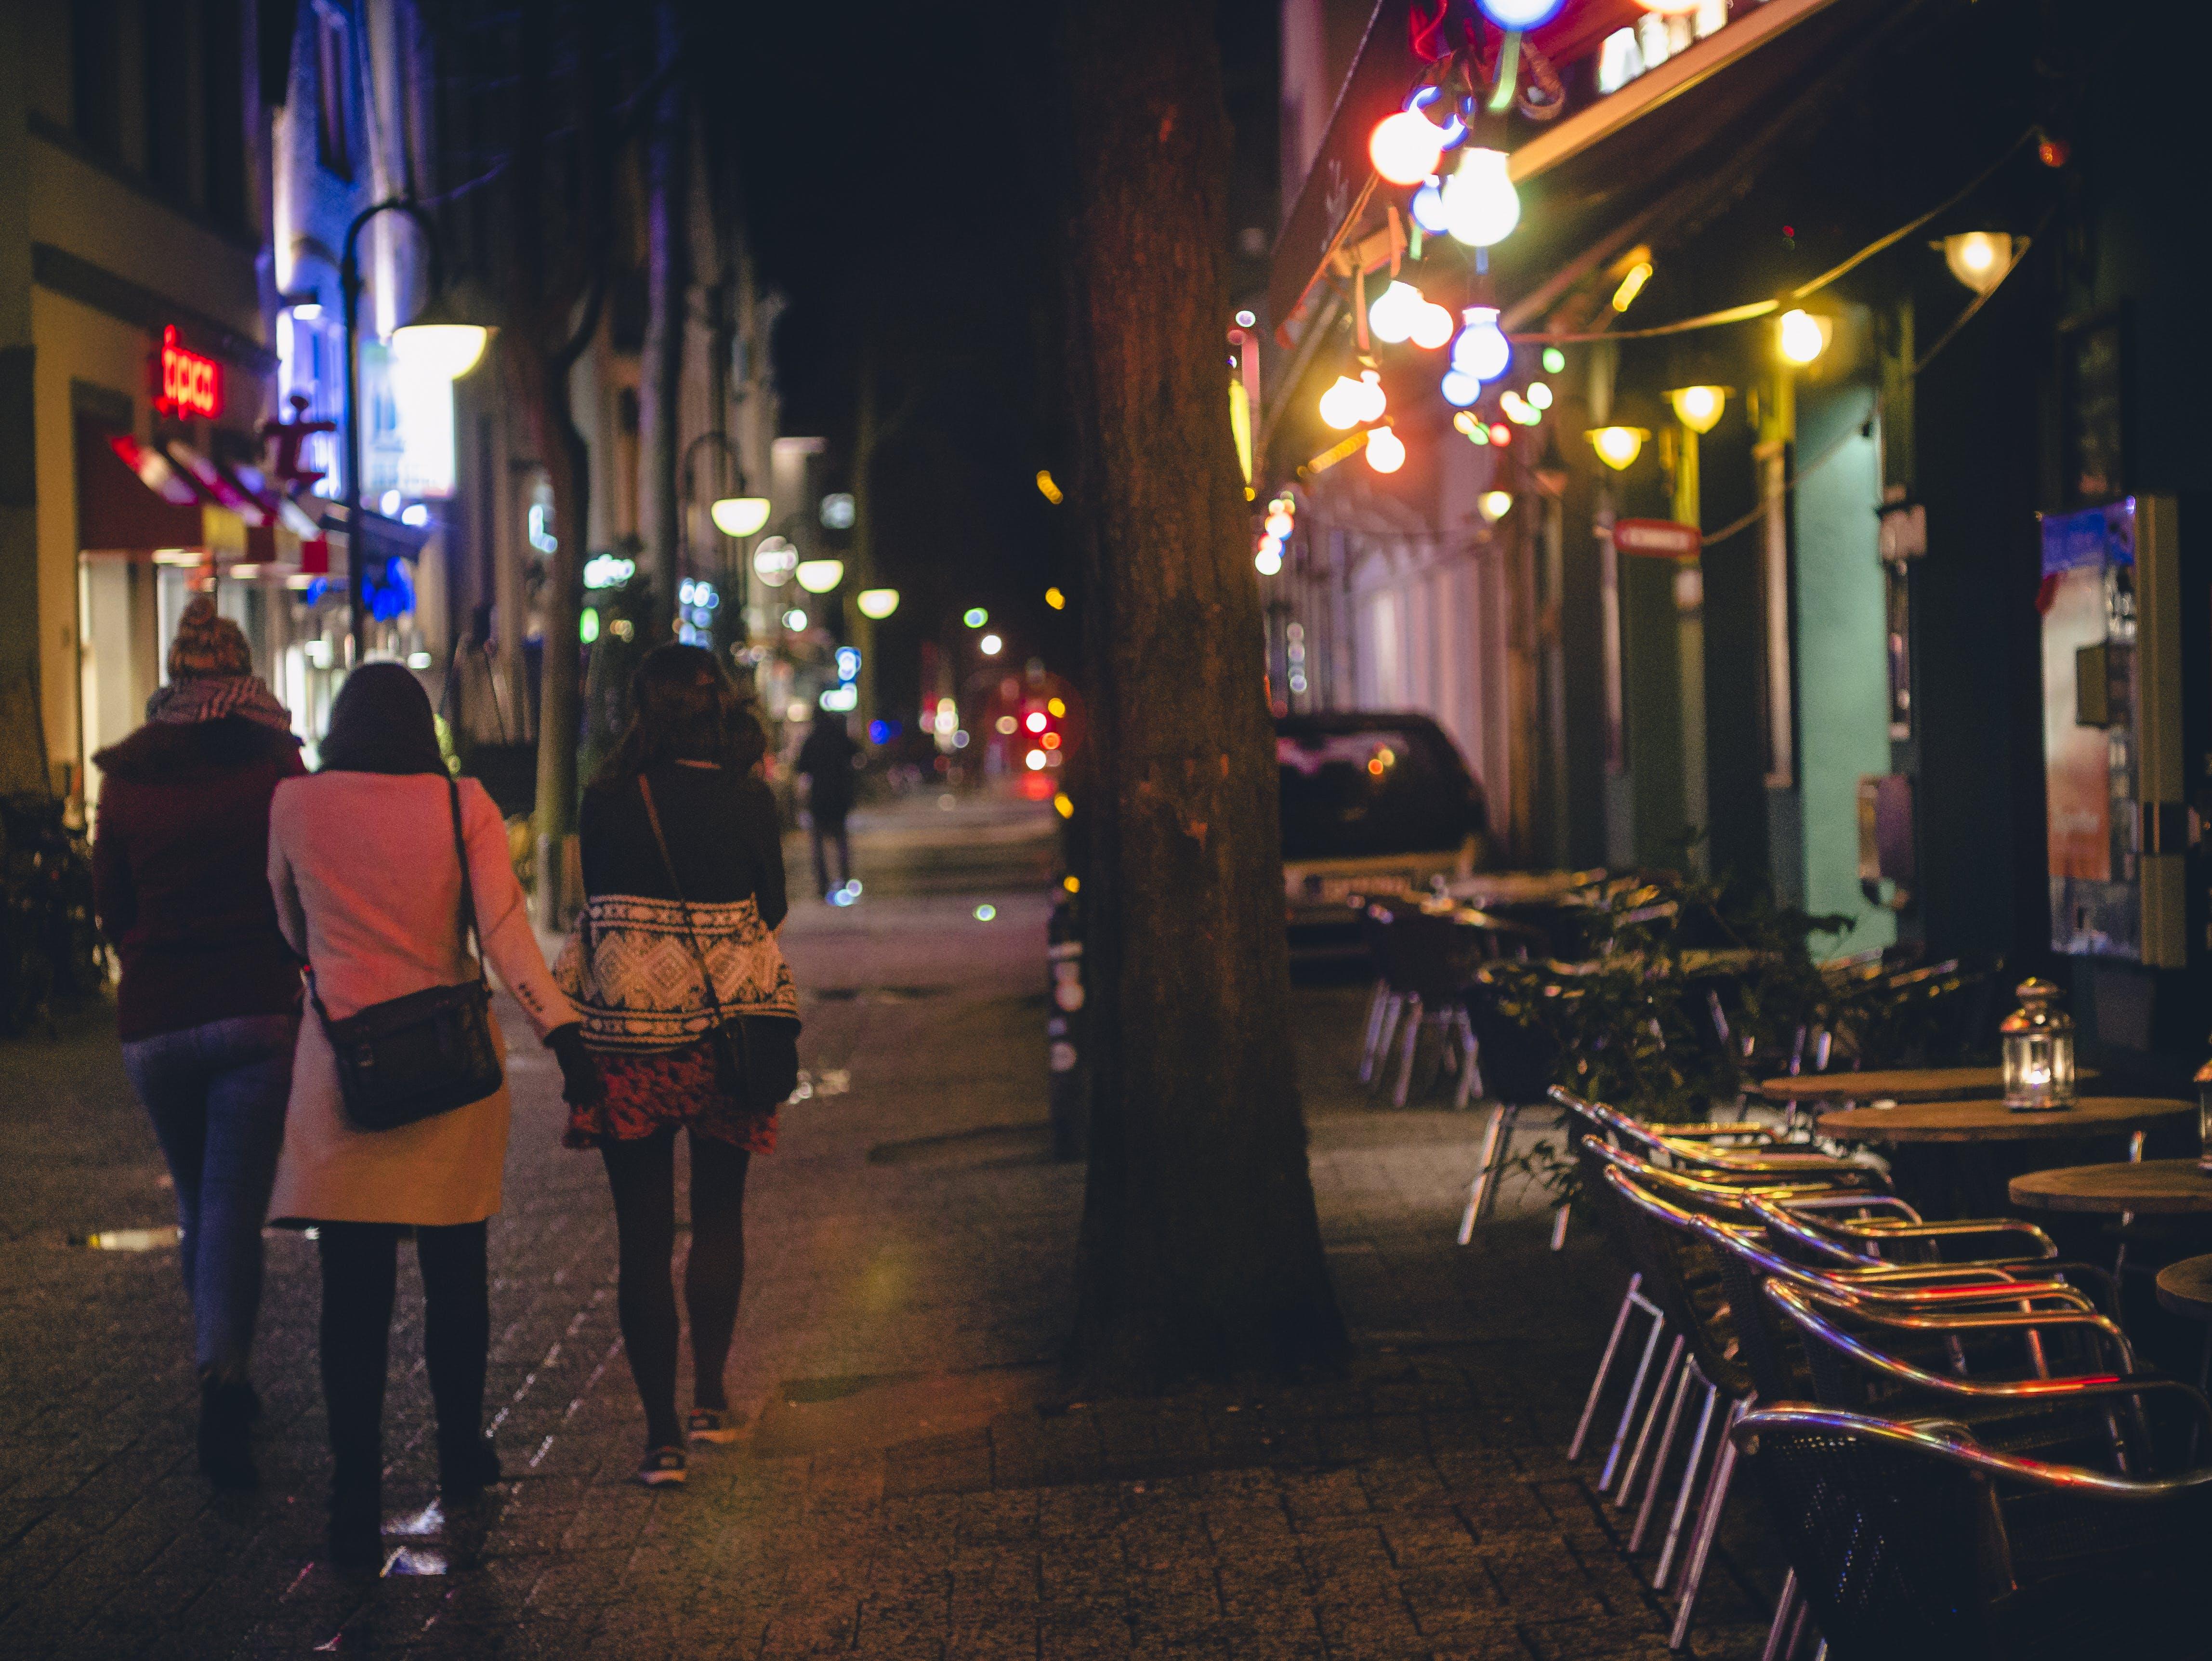 Three Women Walking during Nightime